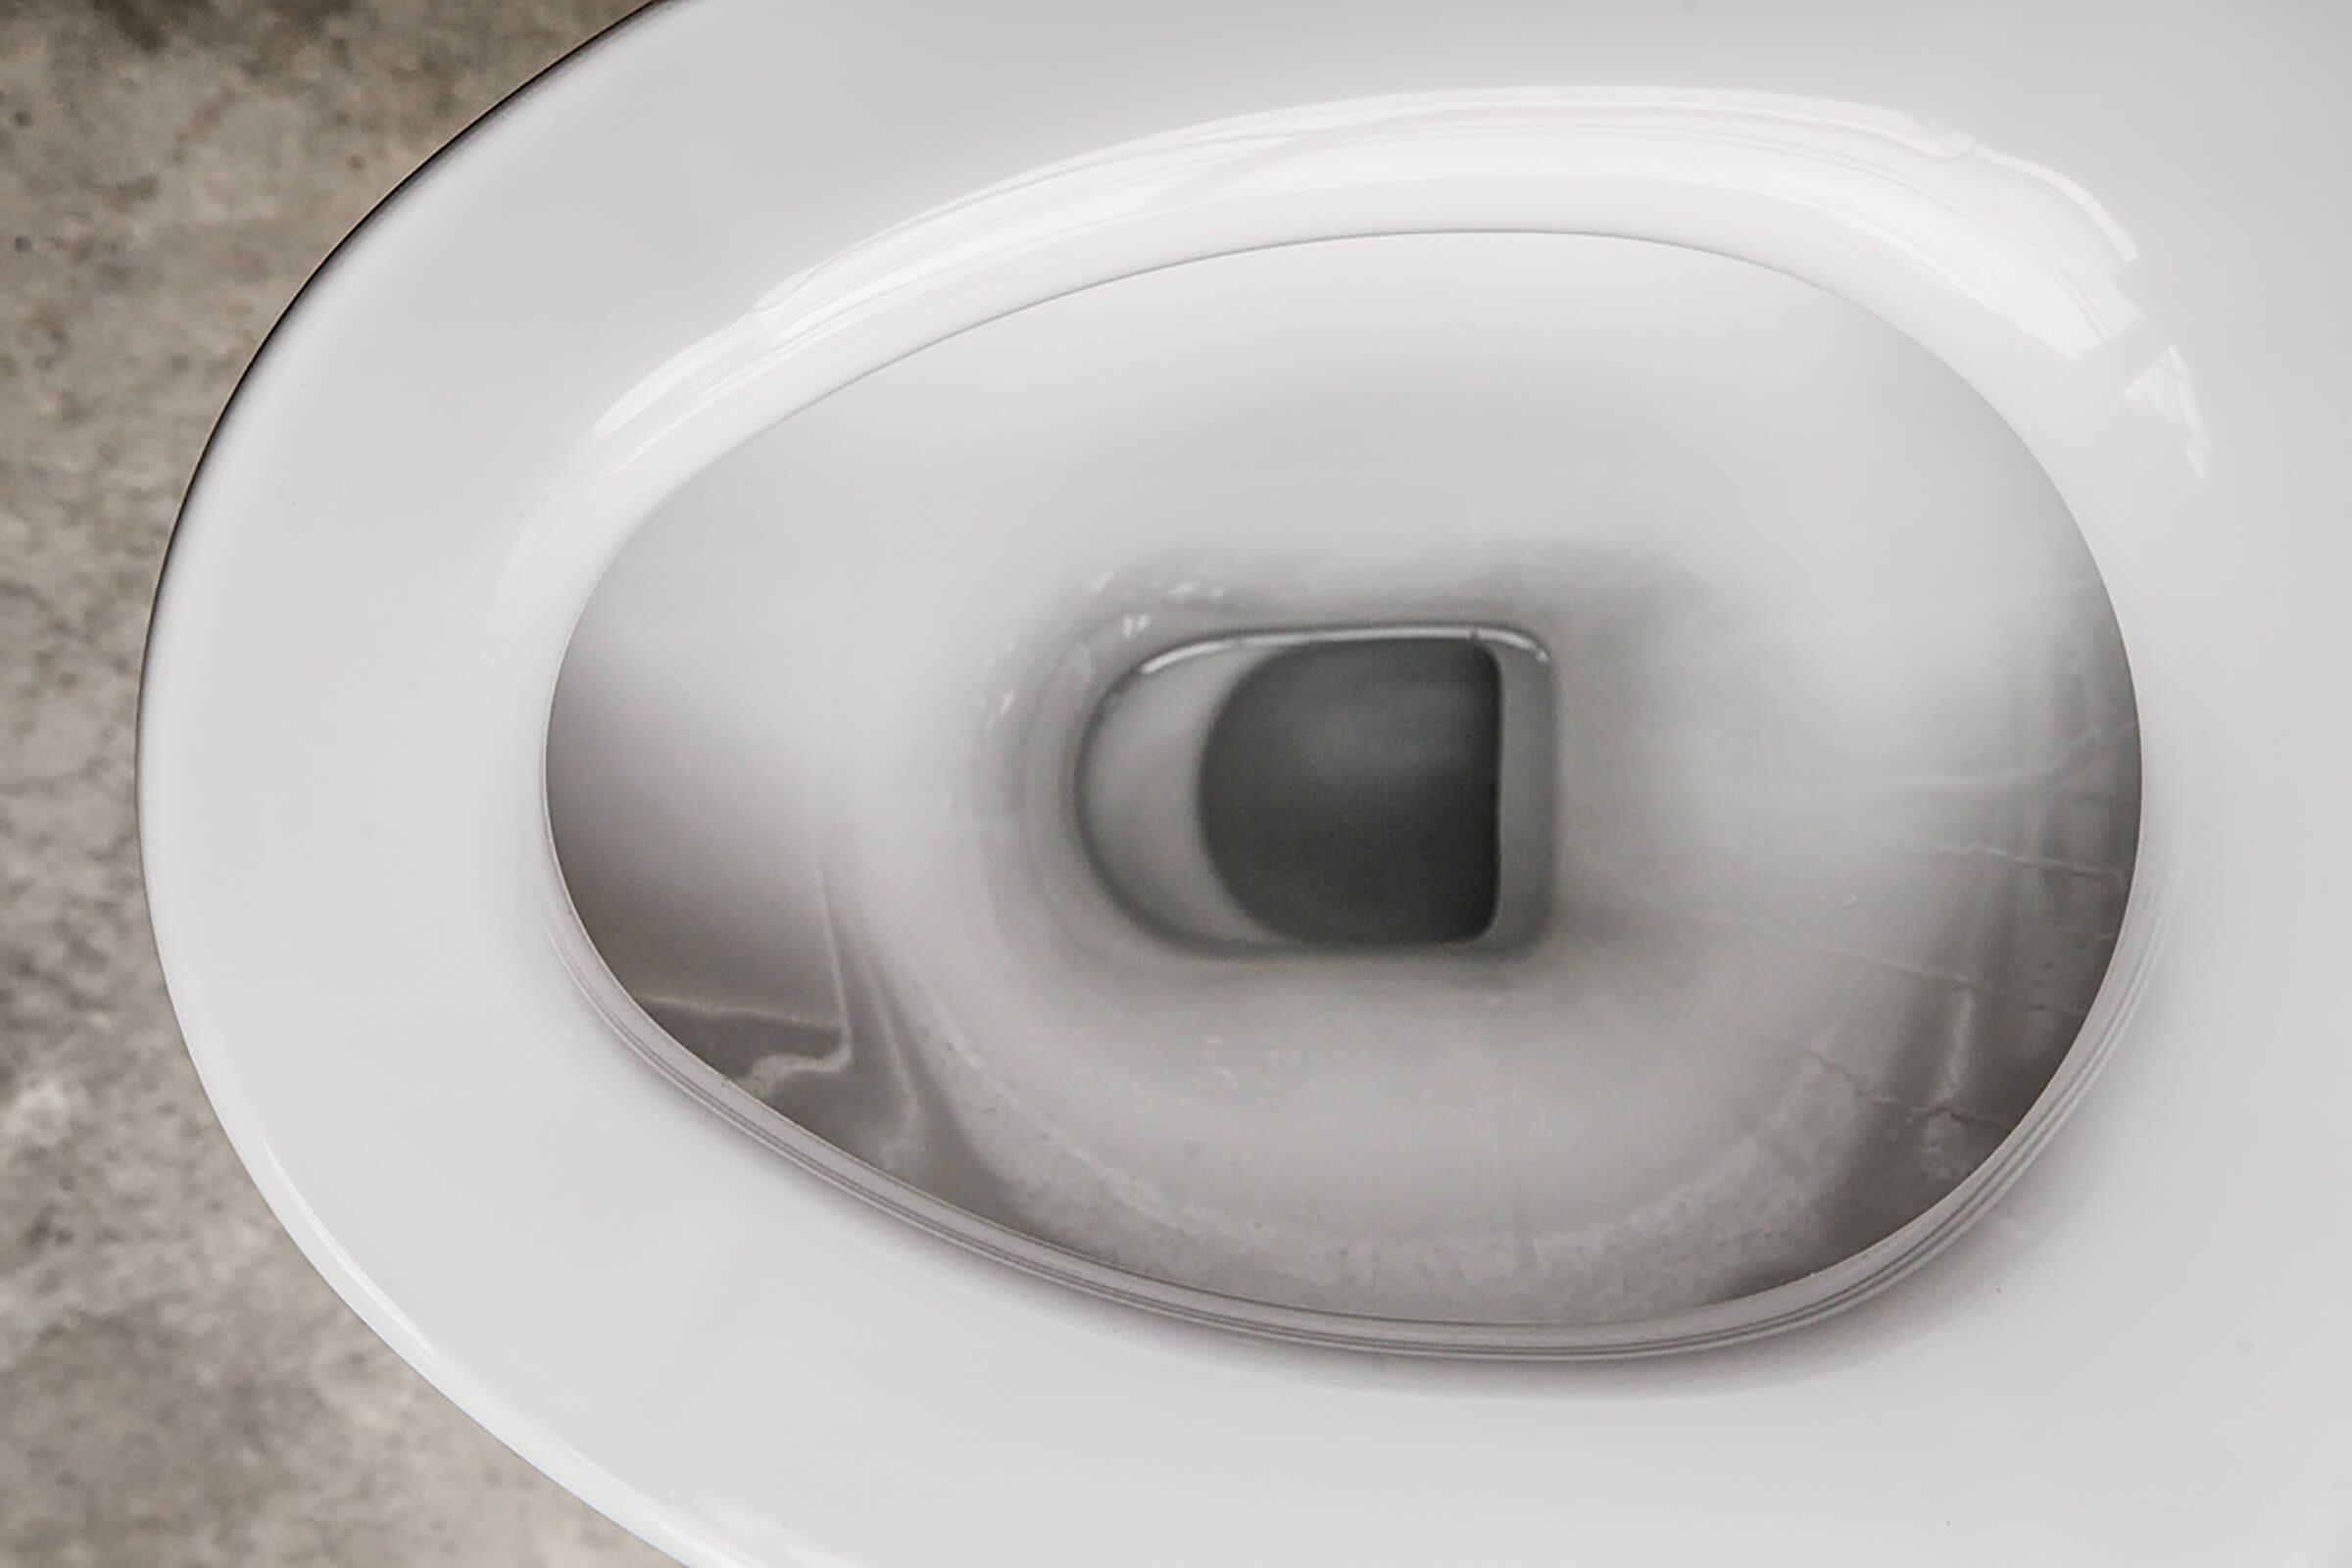 empty white toilet bowl